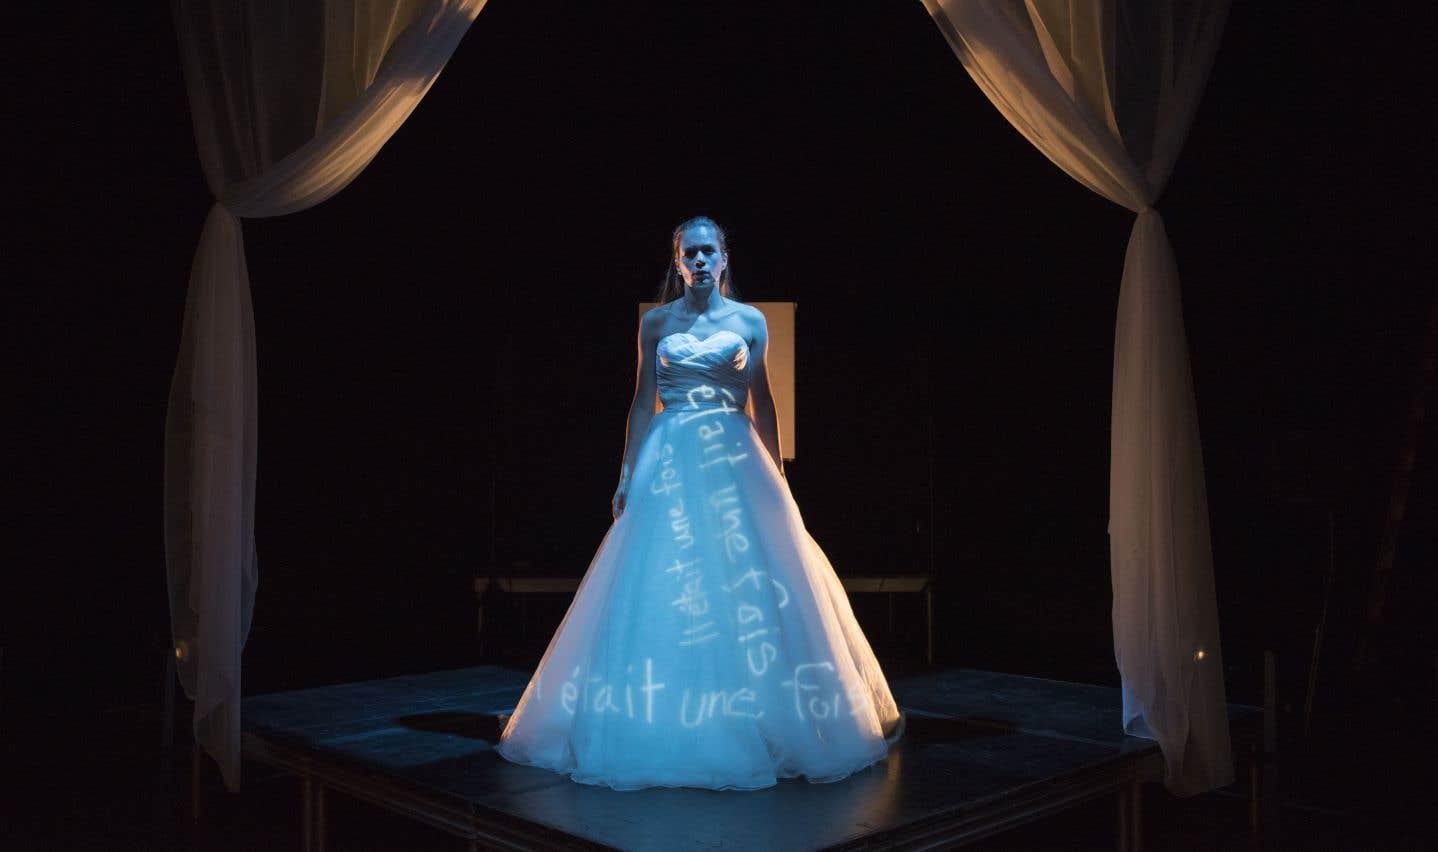 Défendant le rôle d'une femme esseulée, Livia Sassoli, la muse du metteur en scène, parvient à tirer son épingle du jeu.